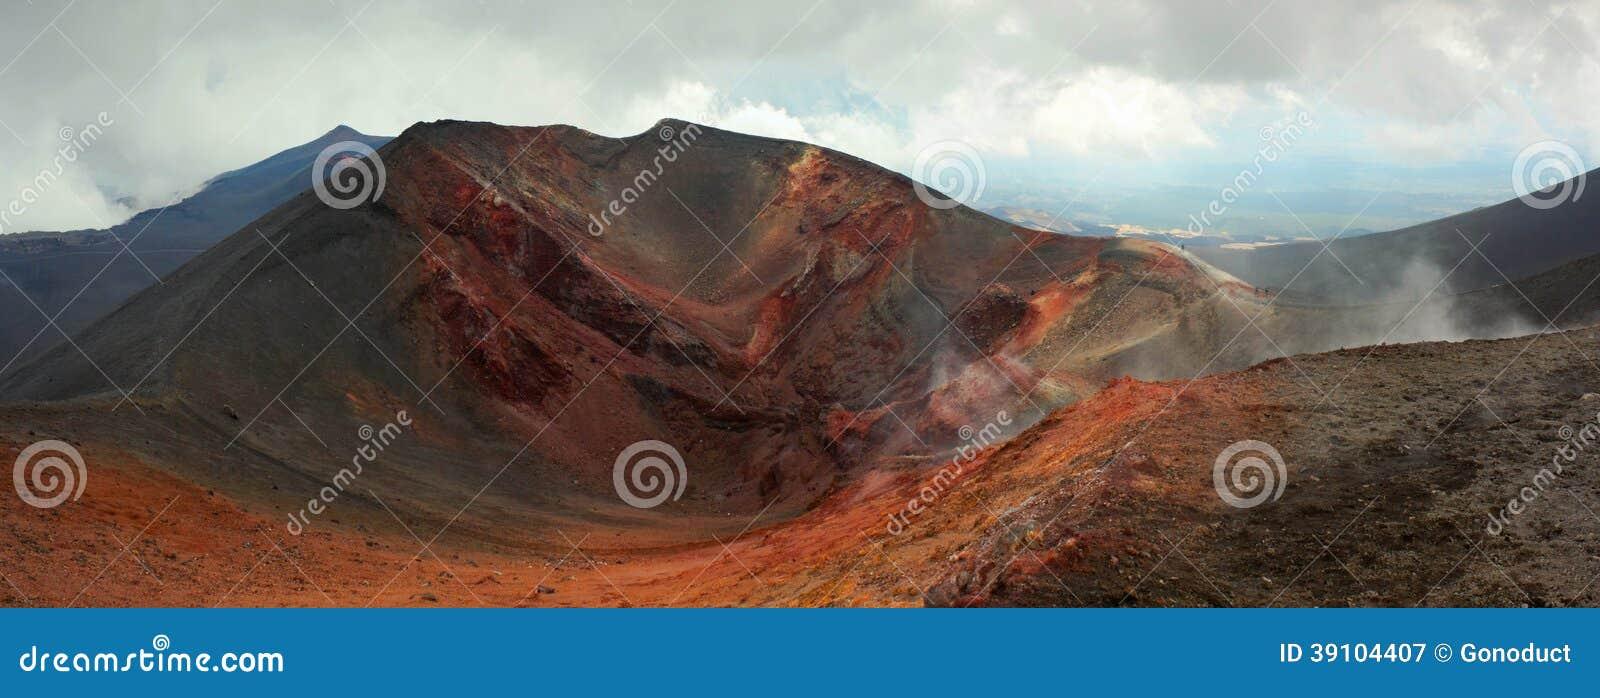 Krater van de vulkaan van Etna, Italië